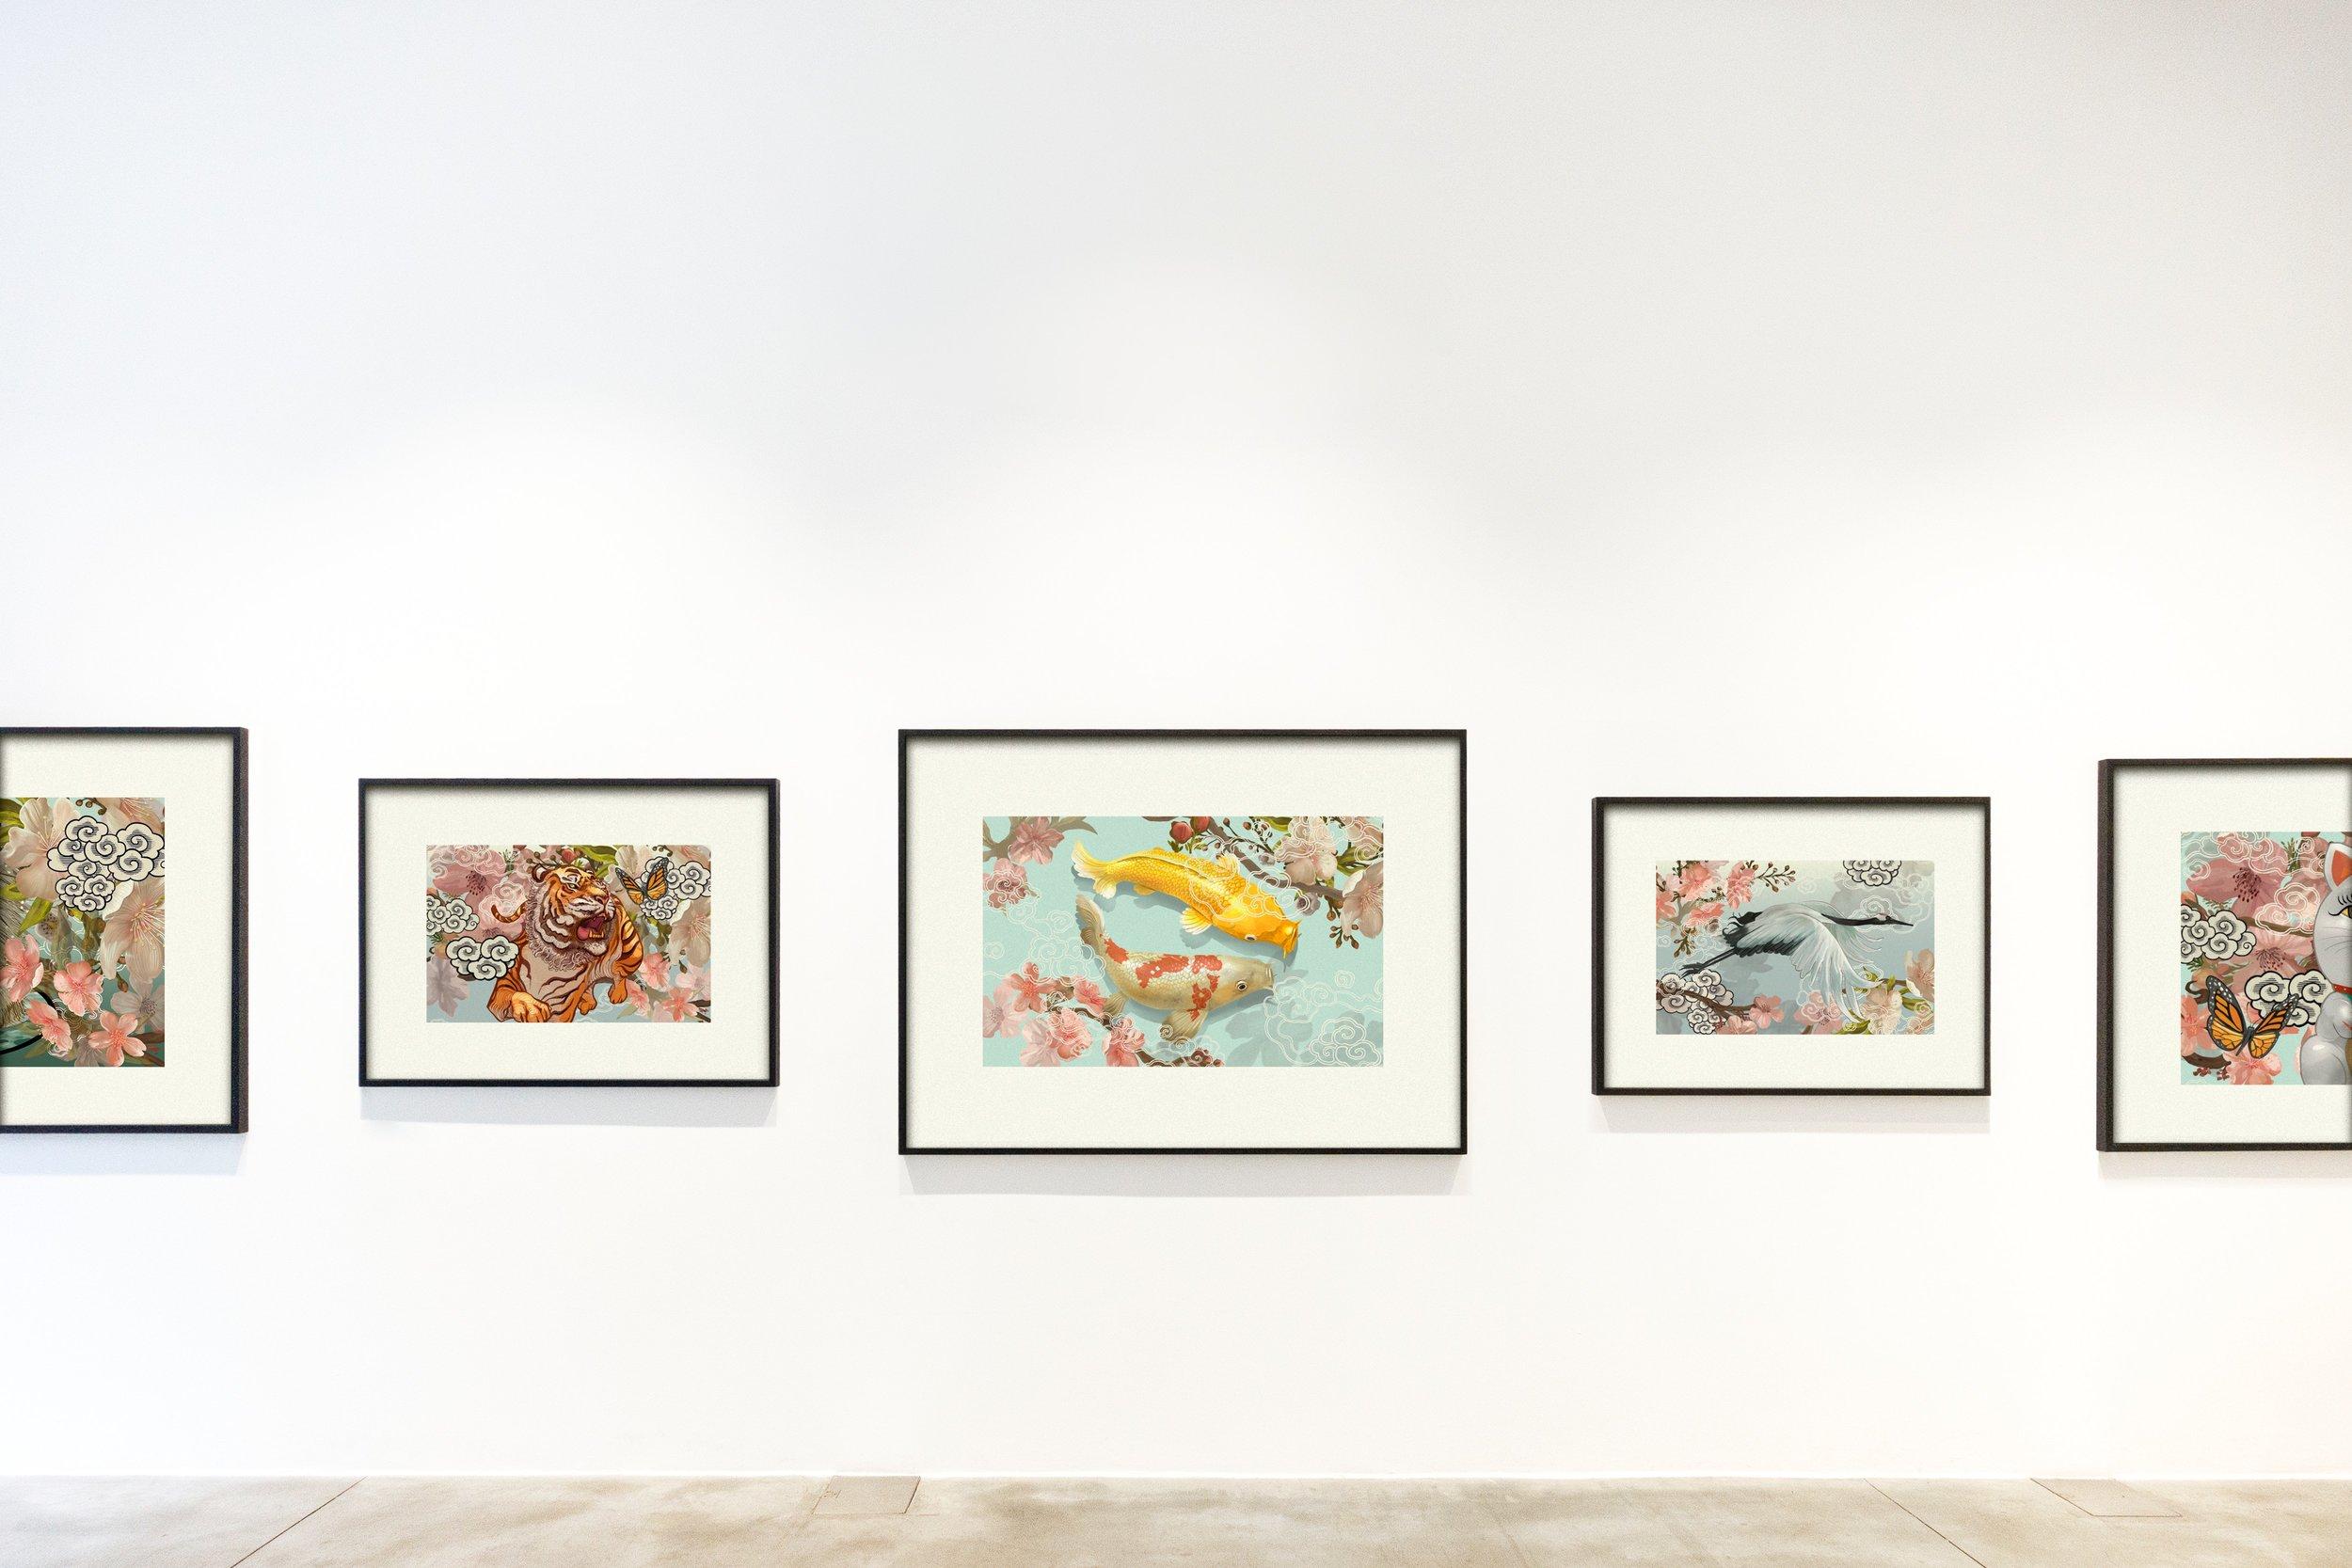 art-art-gallery-art-pieces-1935975.jpg